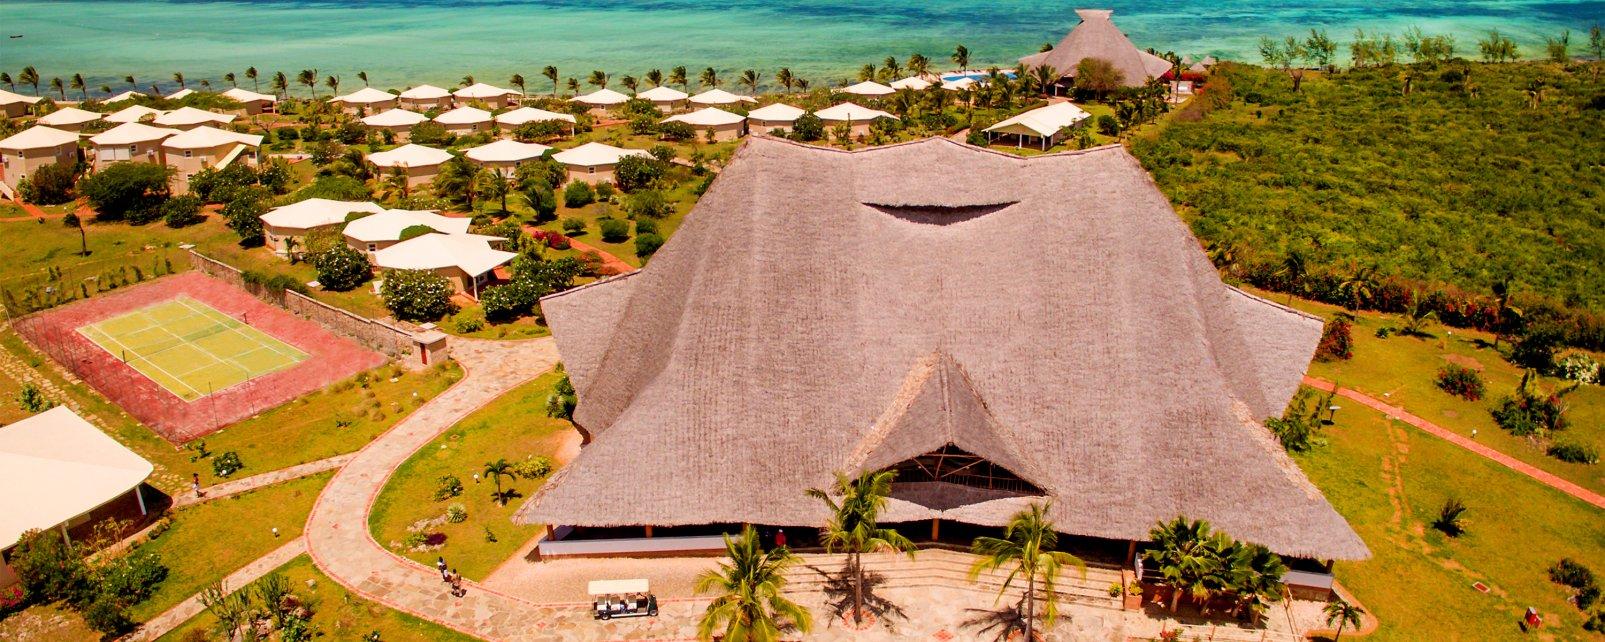 The One Watamu Bay